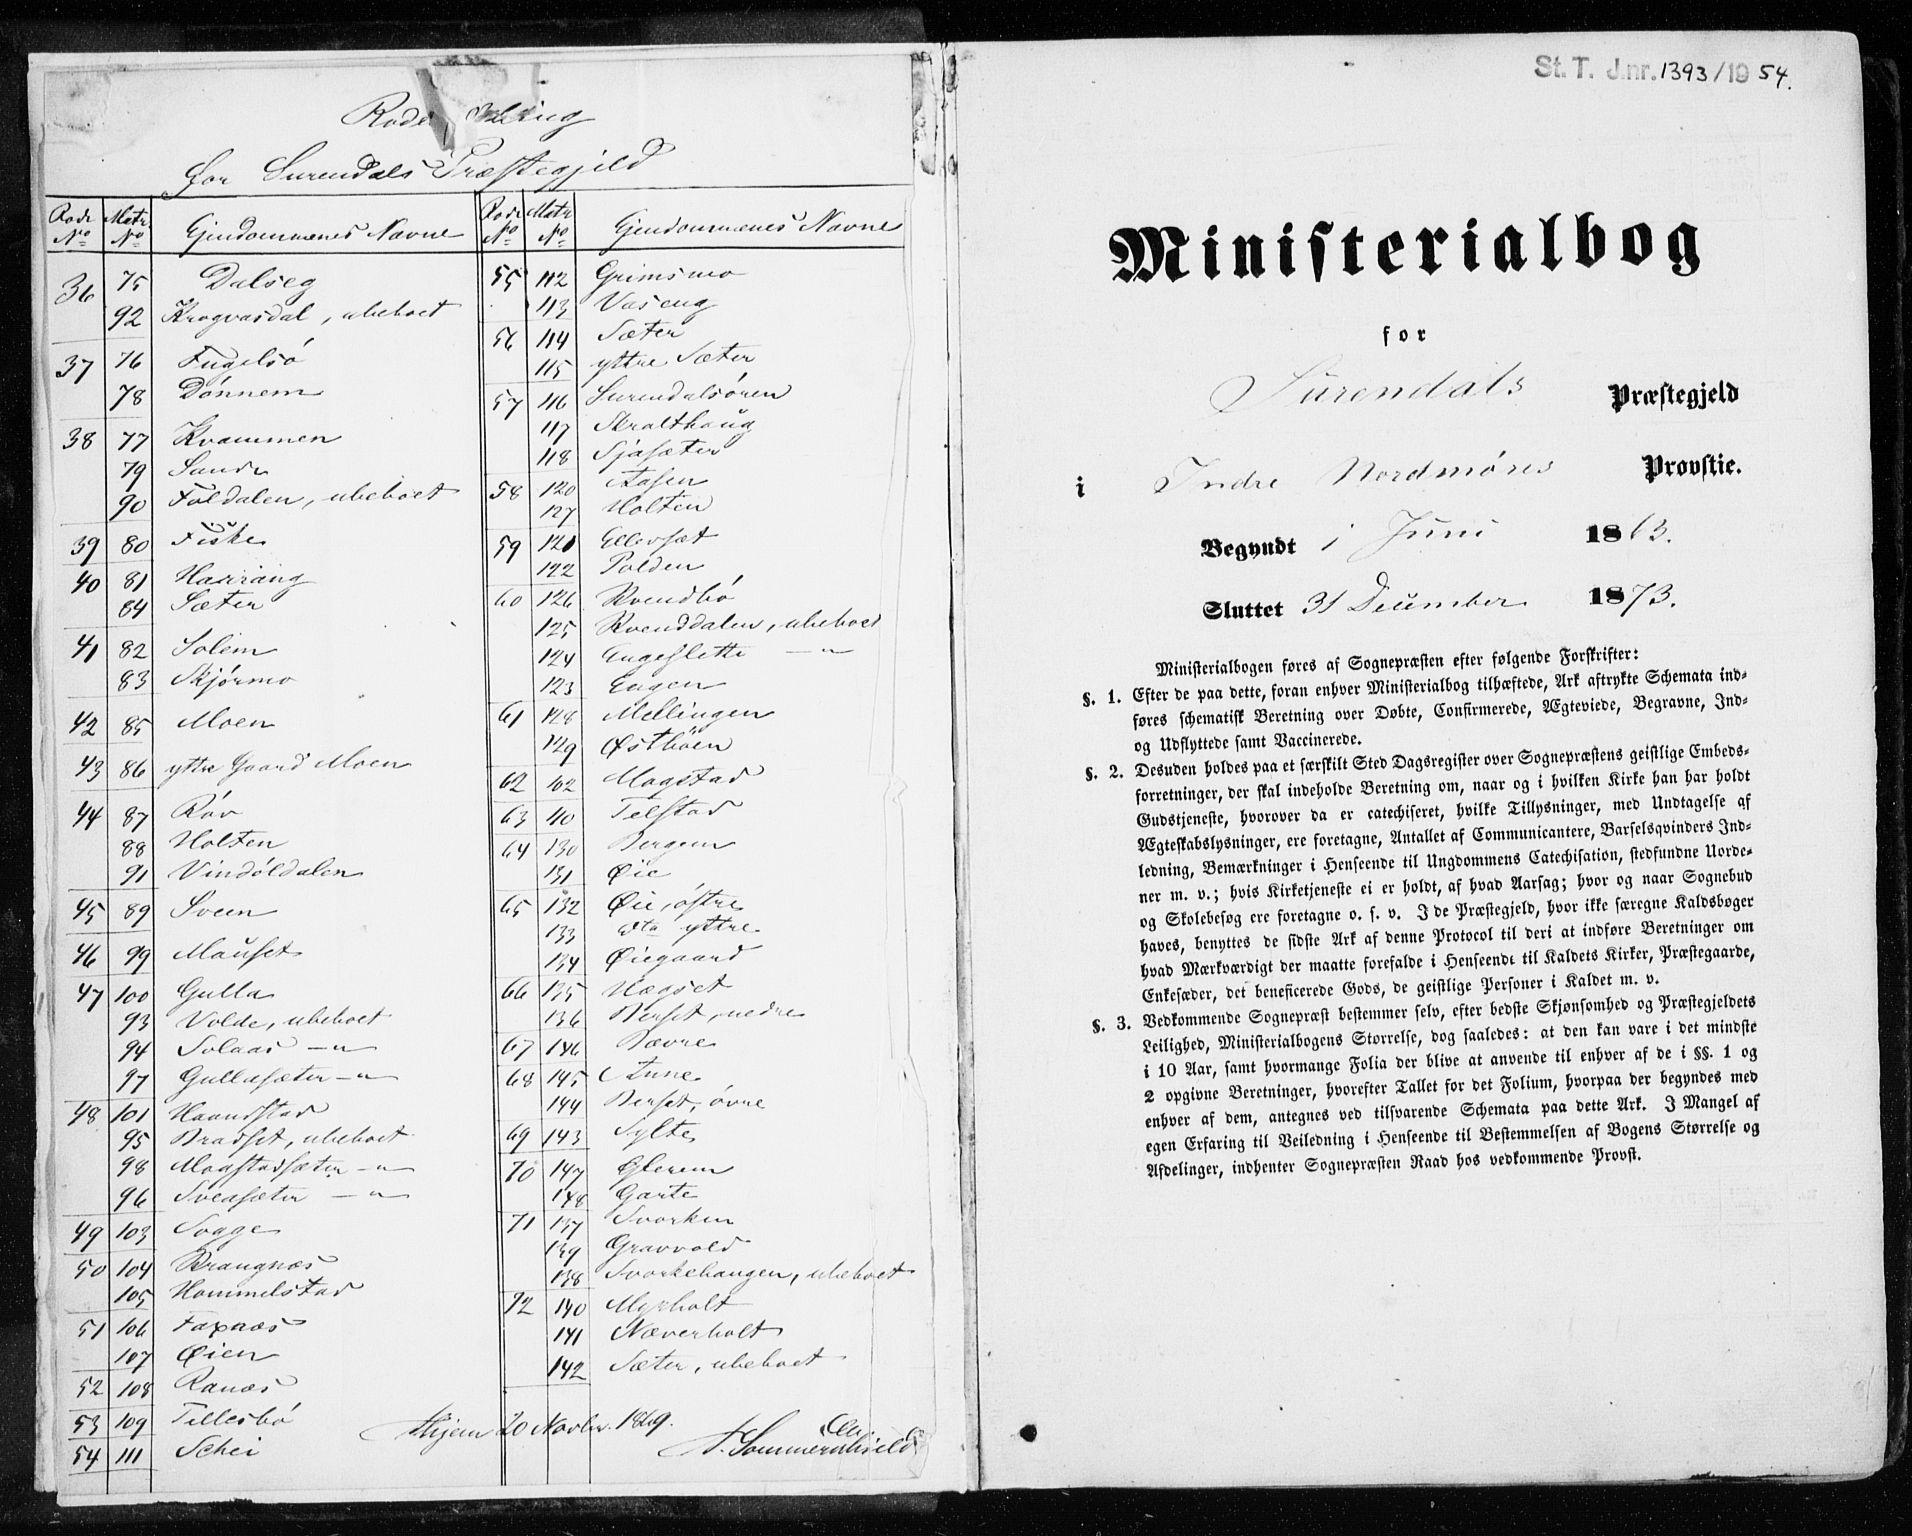 SAT, Ministerialprotokoller, klokkerbøker og fødselsregistre - Møre og Romsdal, 595/L1045: Parish register (official) no. 595A07, 1863-1873